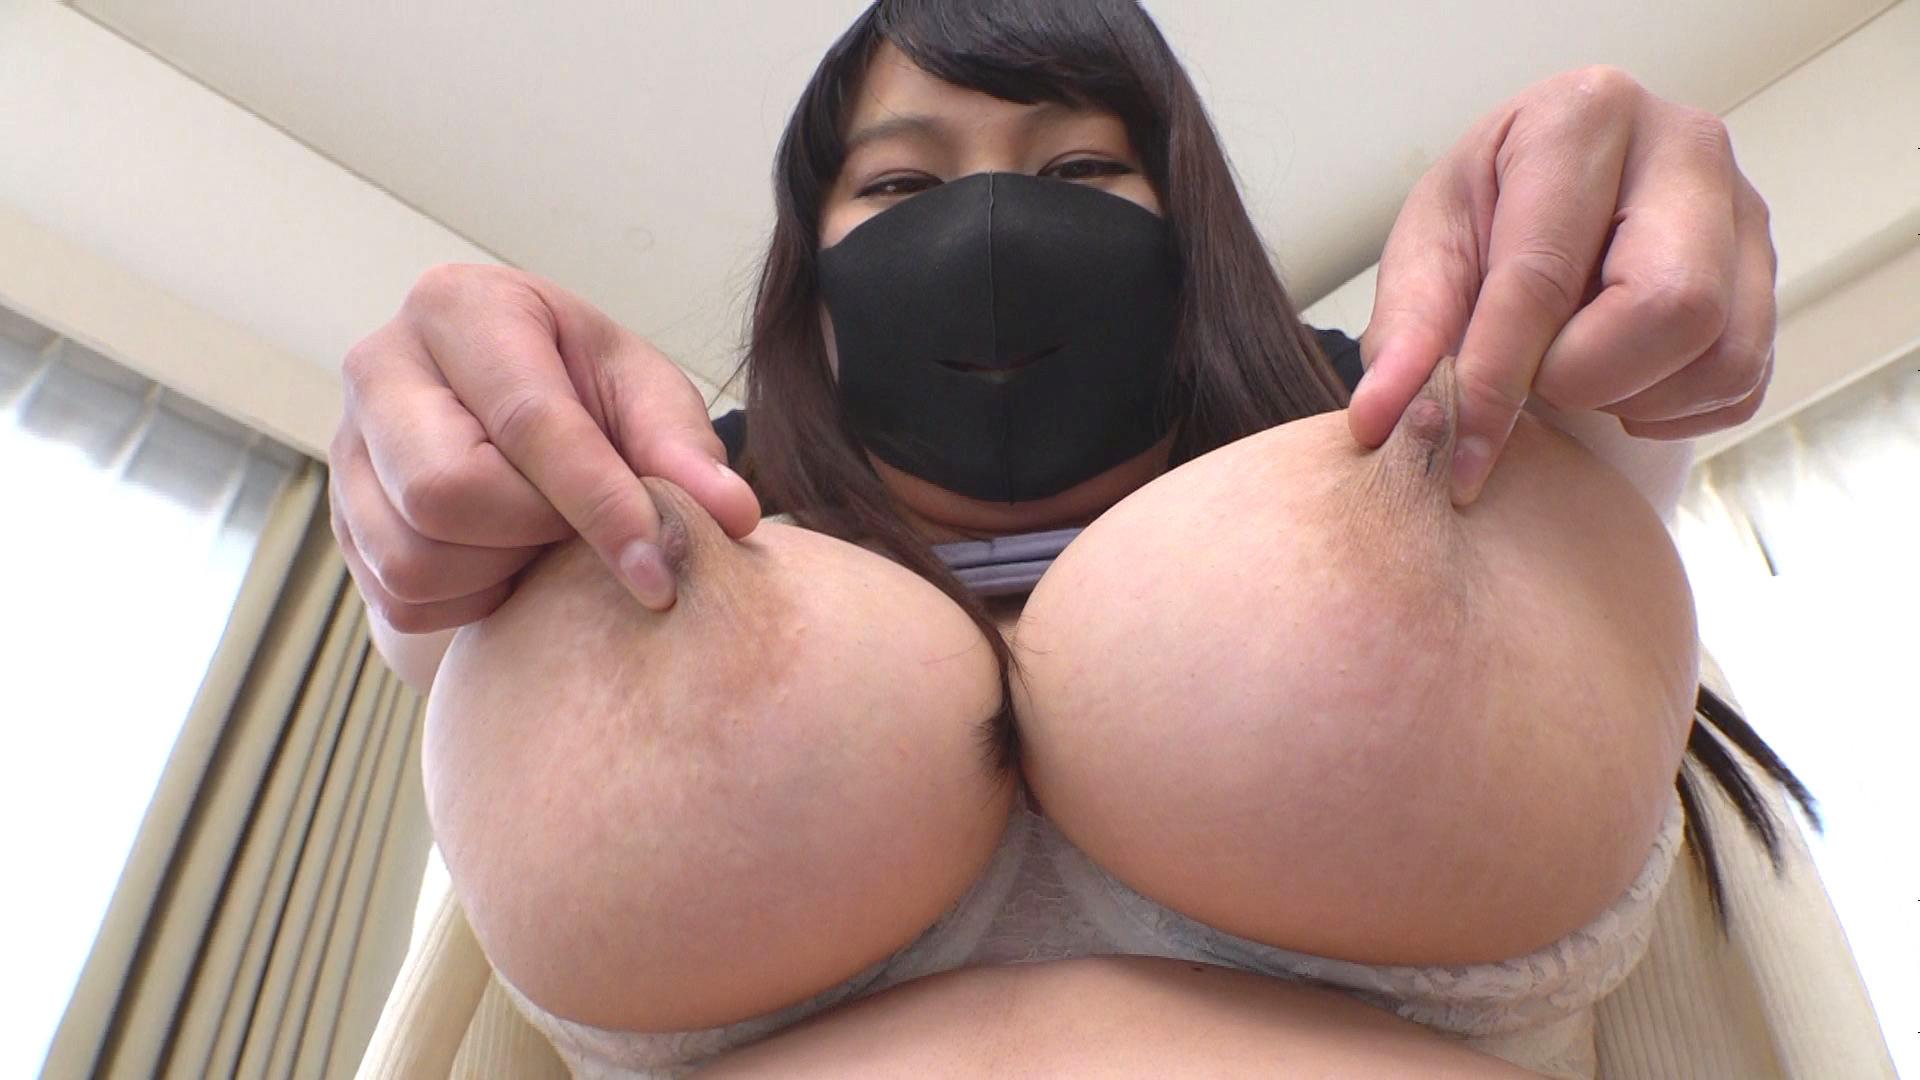 GAS独占新人 マスクでも撮りたかった張りのあるJカップ19歳 桜井美沙 画像4